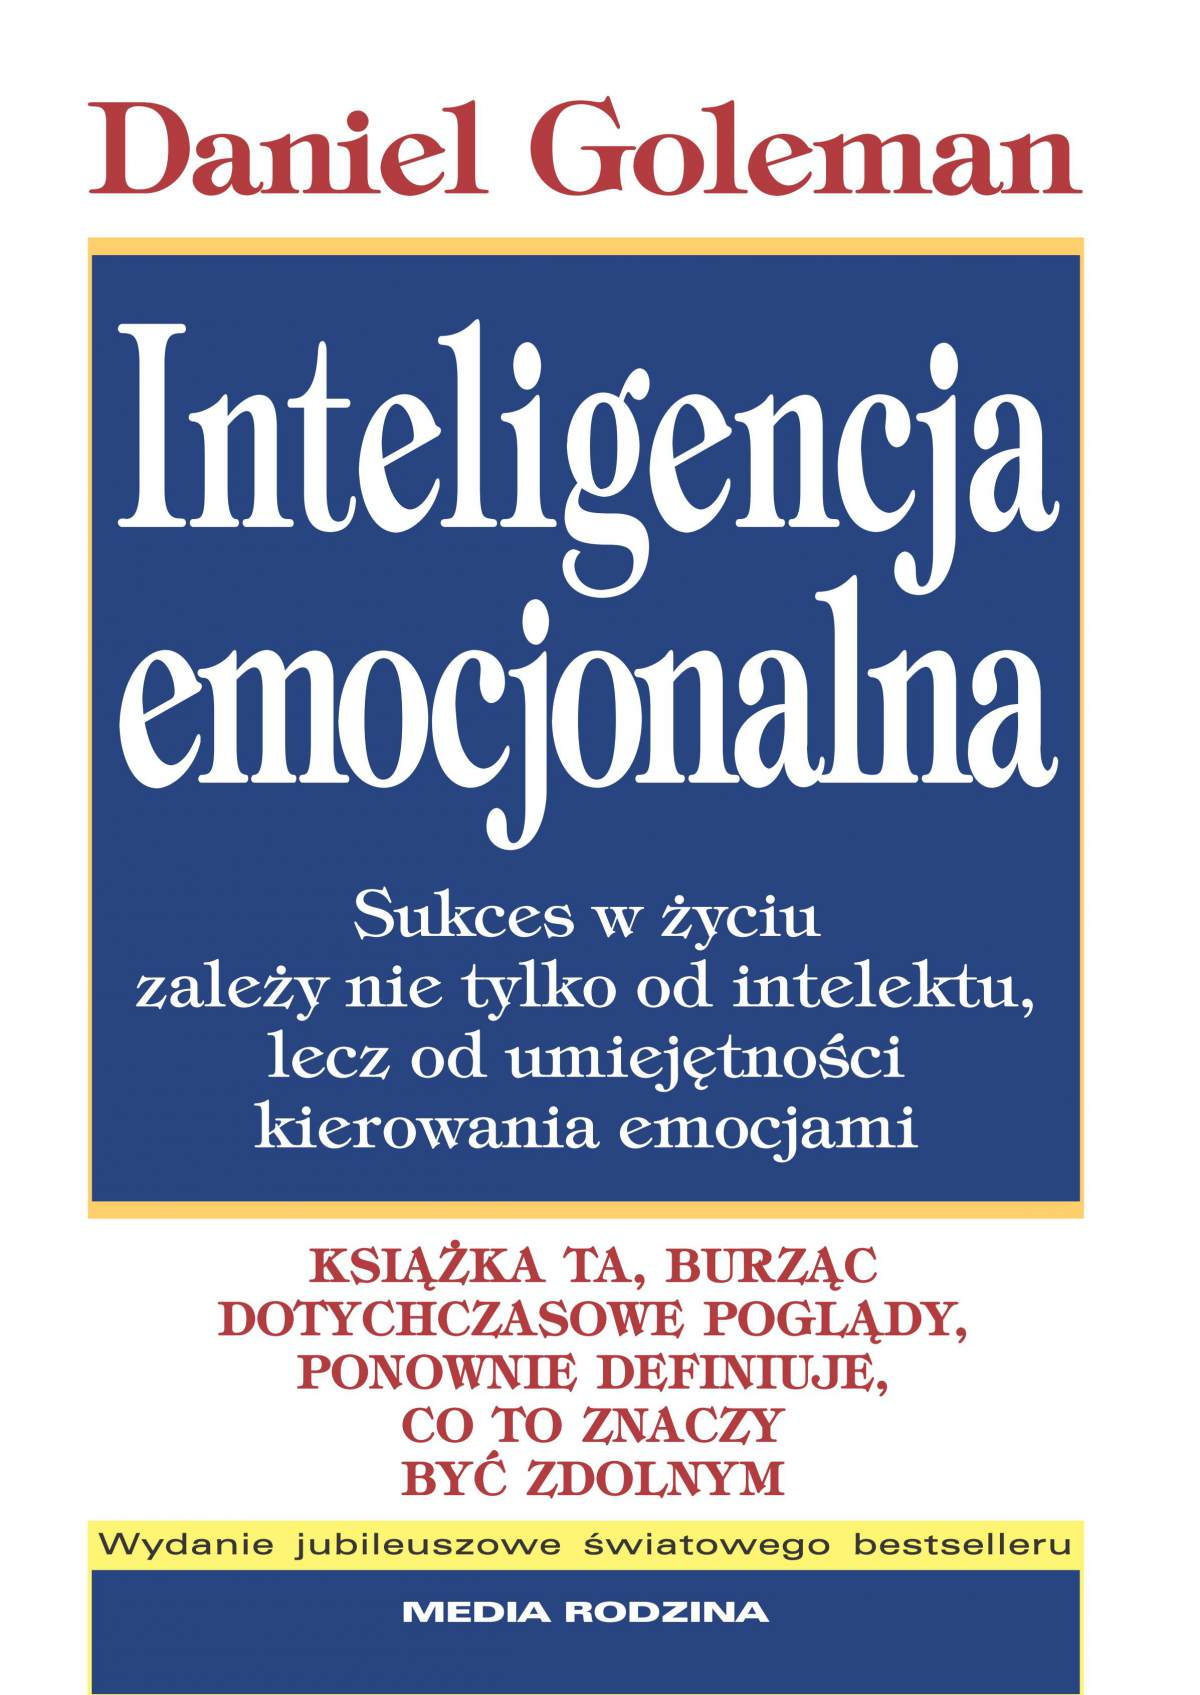 Inteligencja emocjonalna - Ebook (Książka na Kindle) do pobrania w formacie MOBI